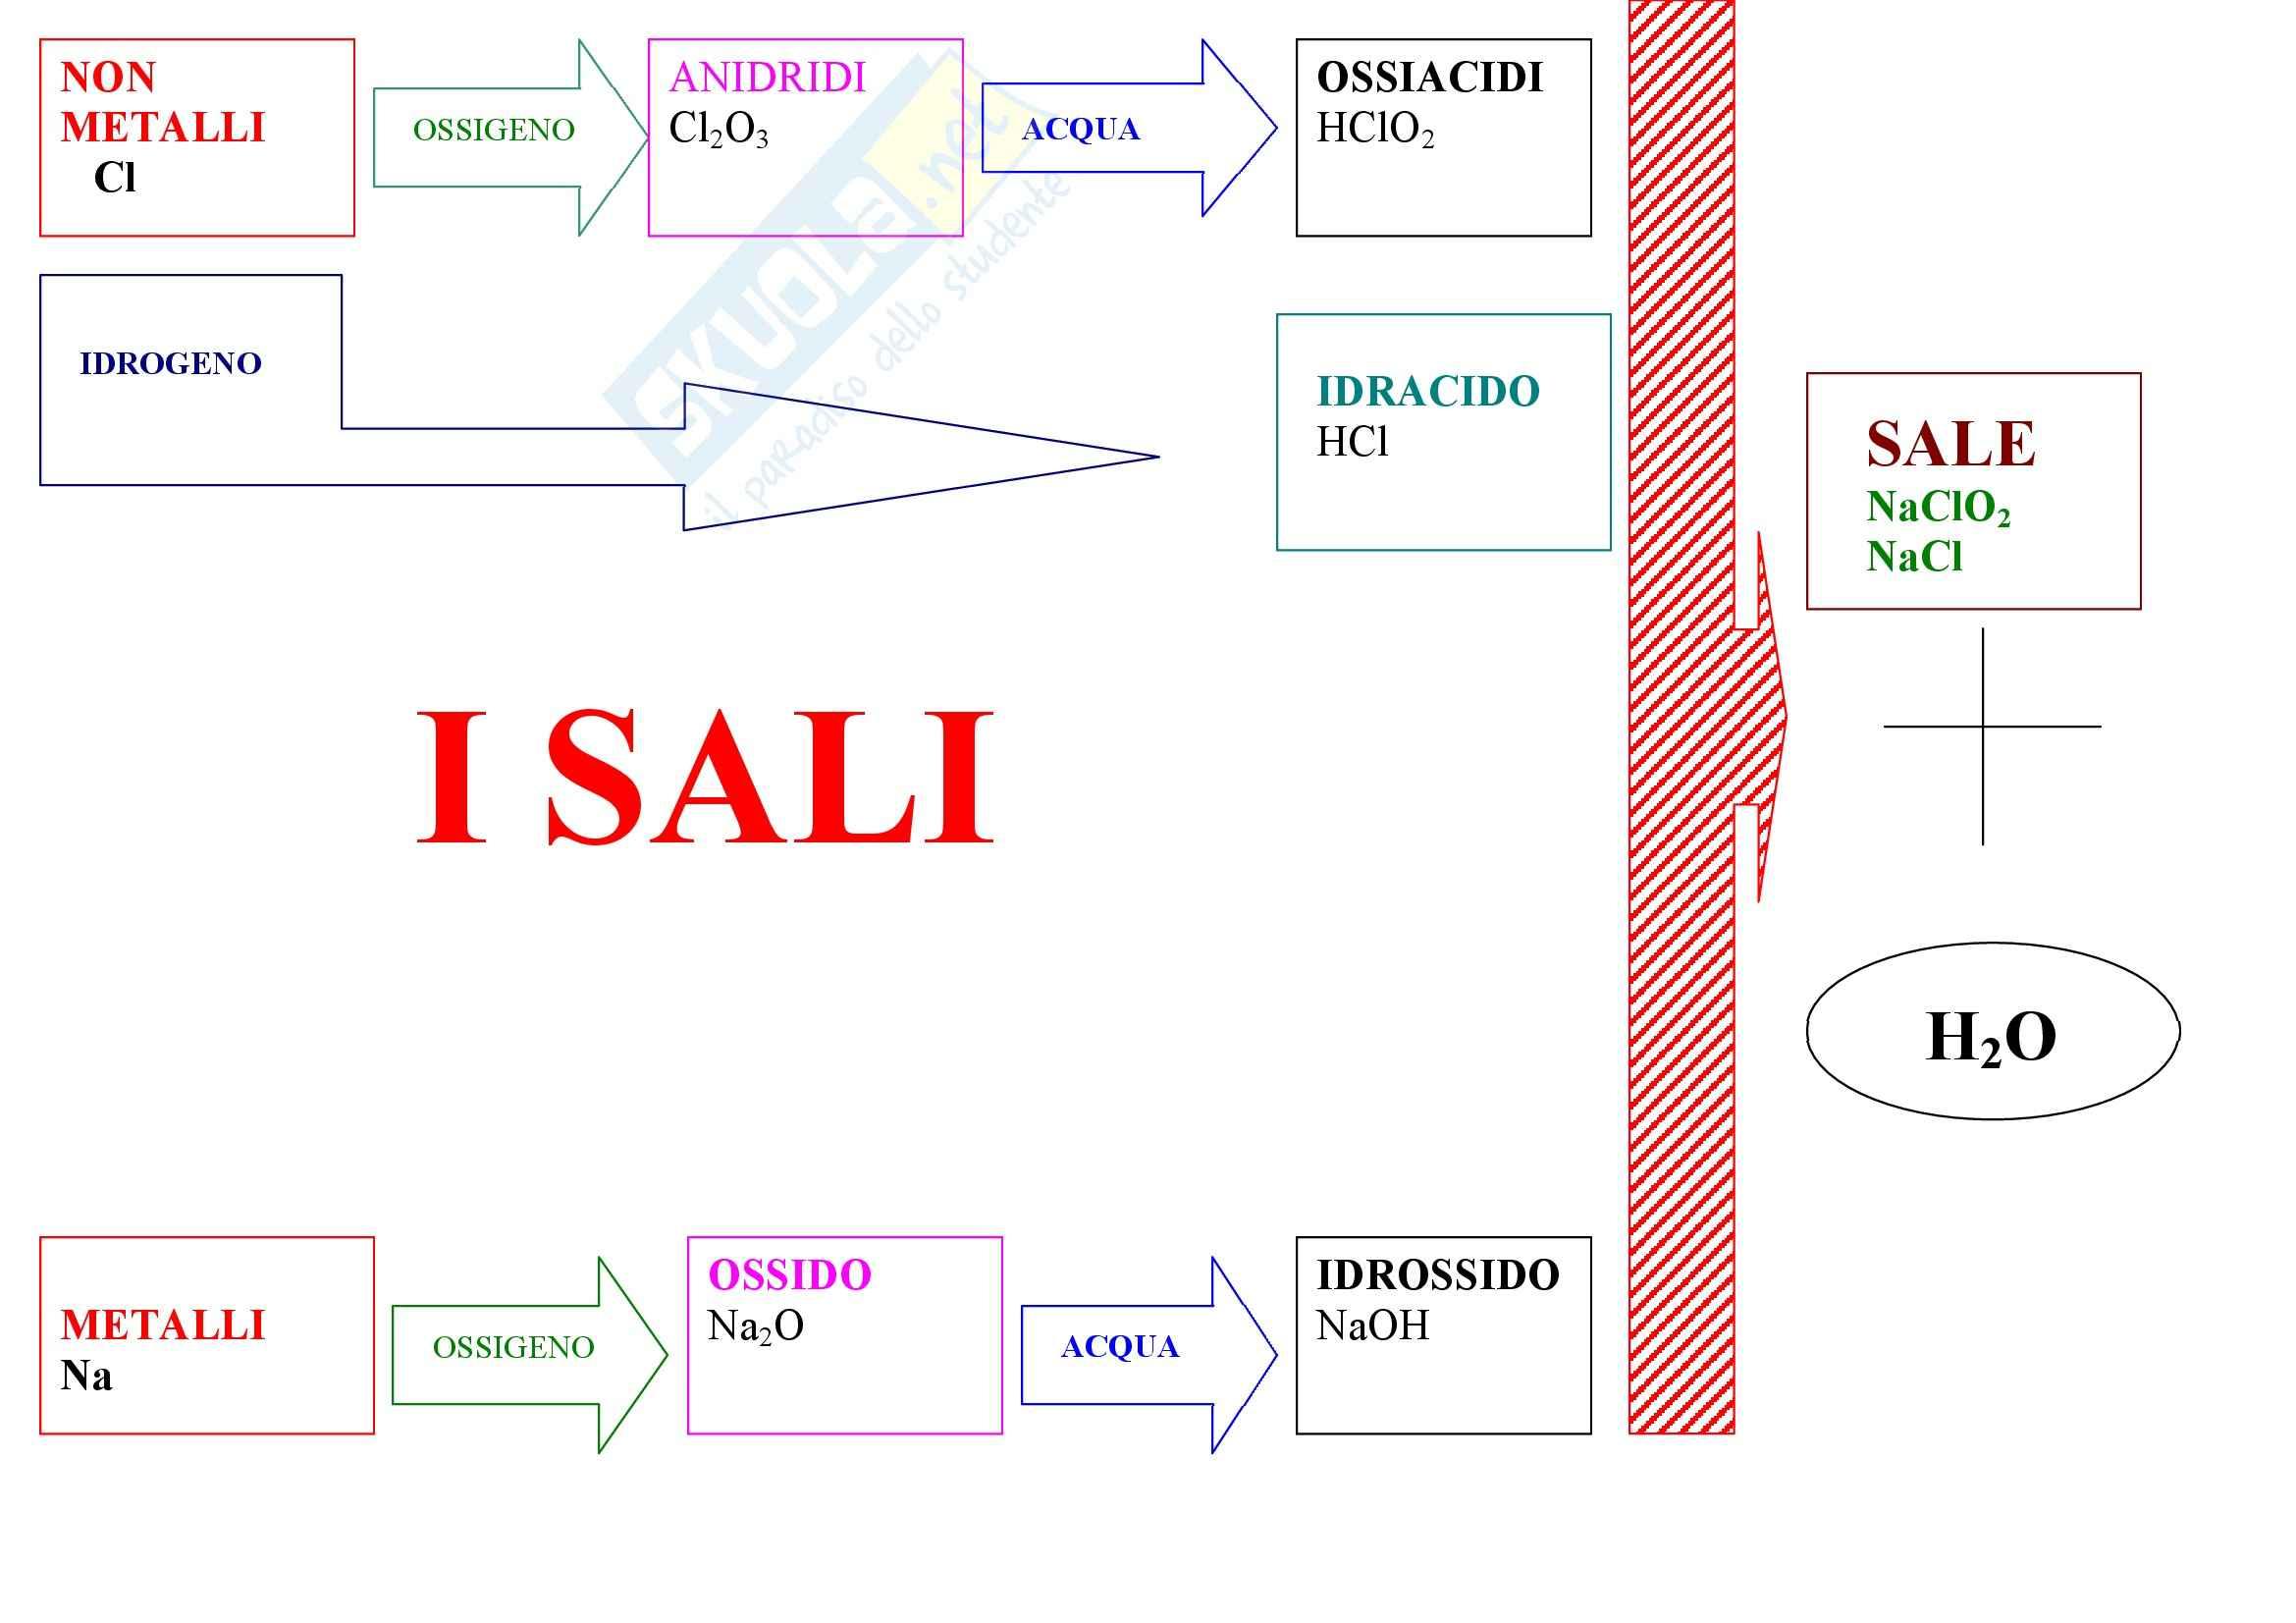 Formazione sali - Mappa concettuale